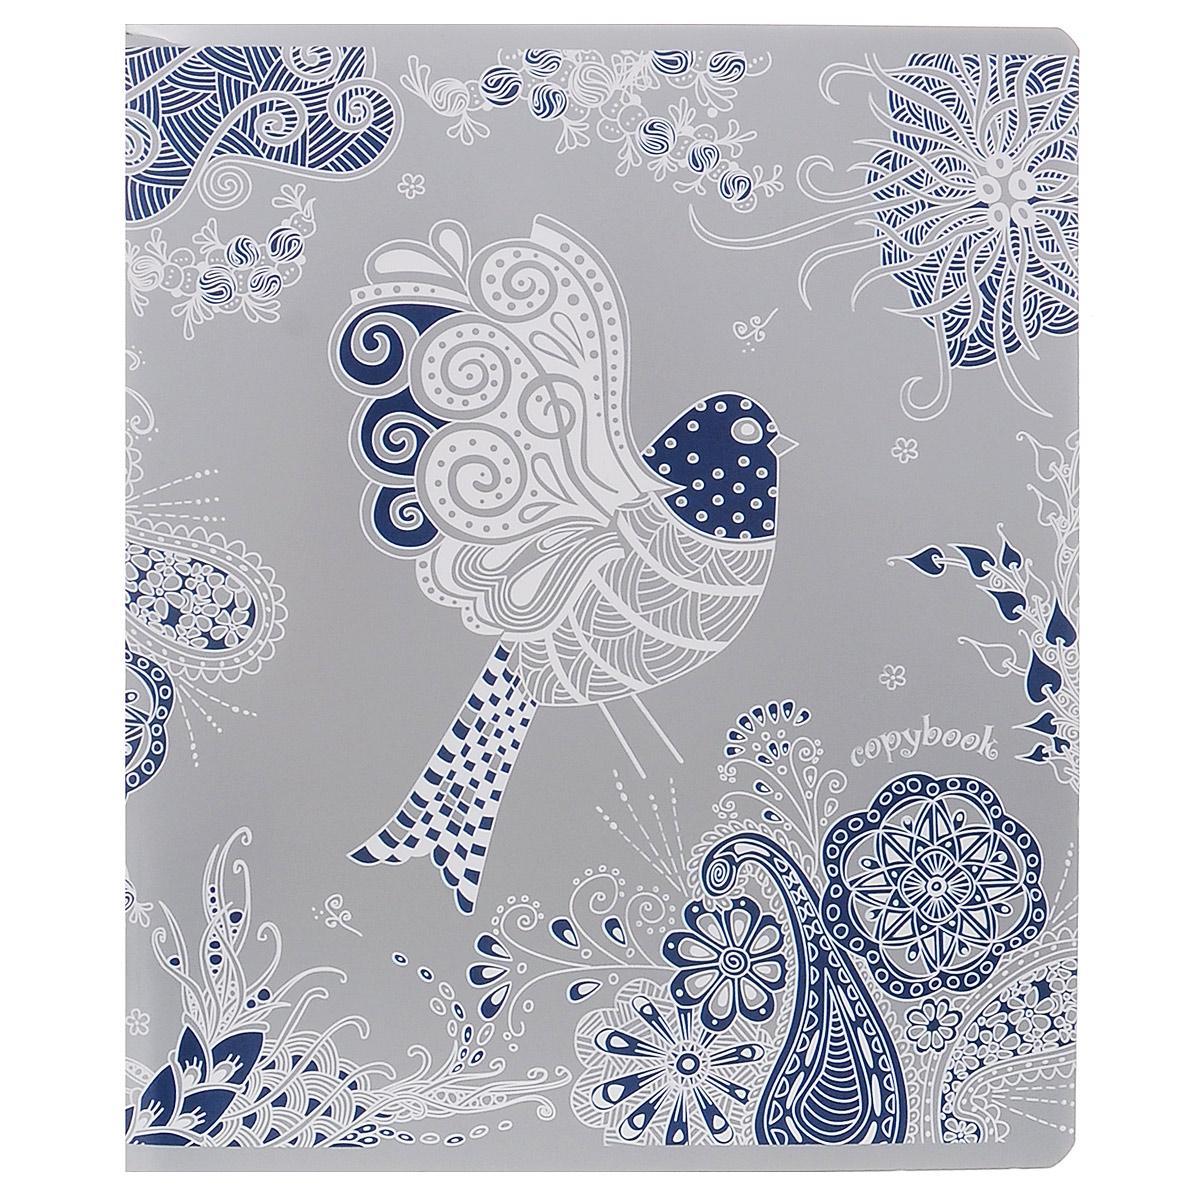 Тетрадь Сказочные птицы, цвет: серый, синий, 96 листов. 37603_272523WDТетрадь Сказочные птицы прекрасно подойдет как студенту, так и школьнику.Обложка тетради с закругленными углами выполнена из плотной бумаги и оформлена изображением волшебной птички. Внутренний блок состоит из 96 листов белой бумаги. Стандартная линовка в клетку дополнена полями, совпадающими с лицевой и оборотной стороны листа.